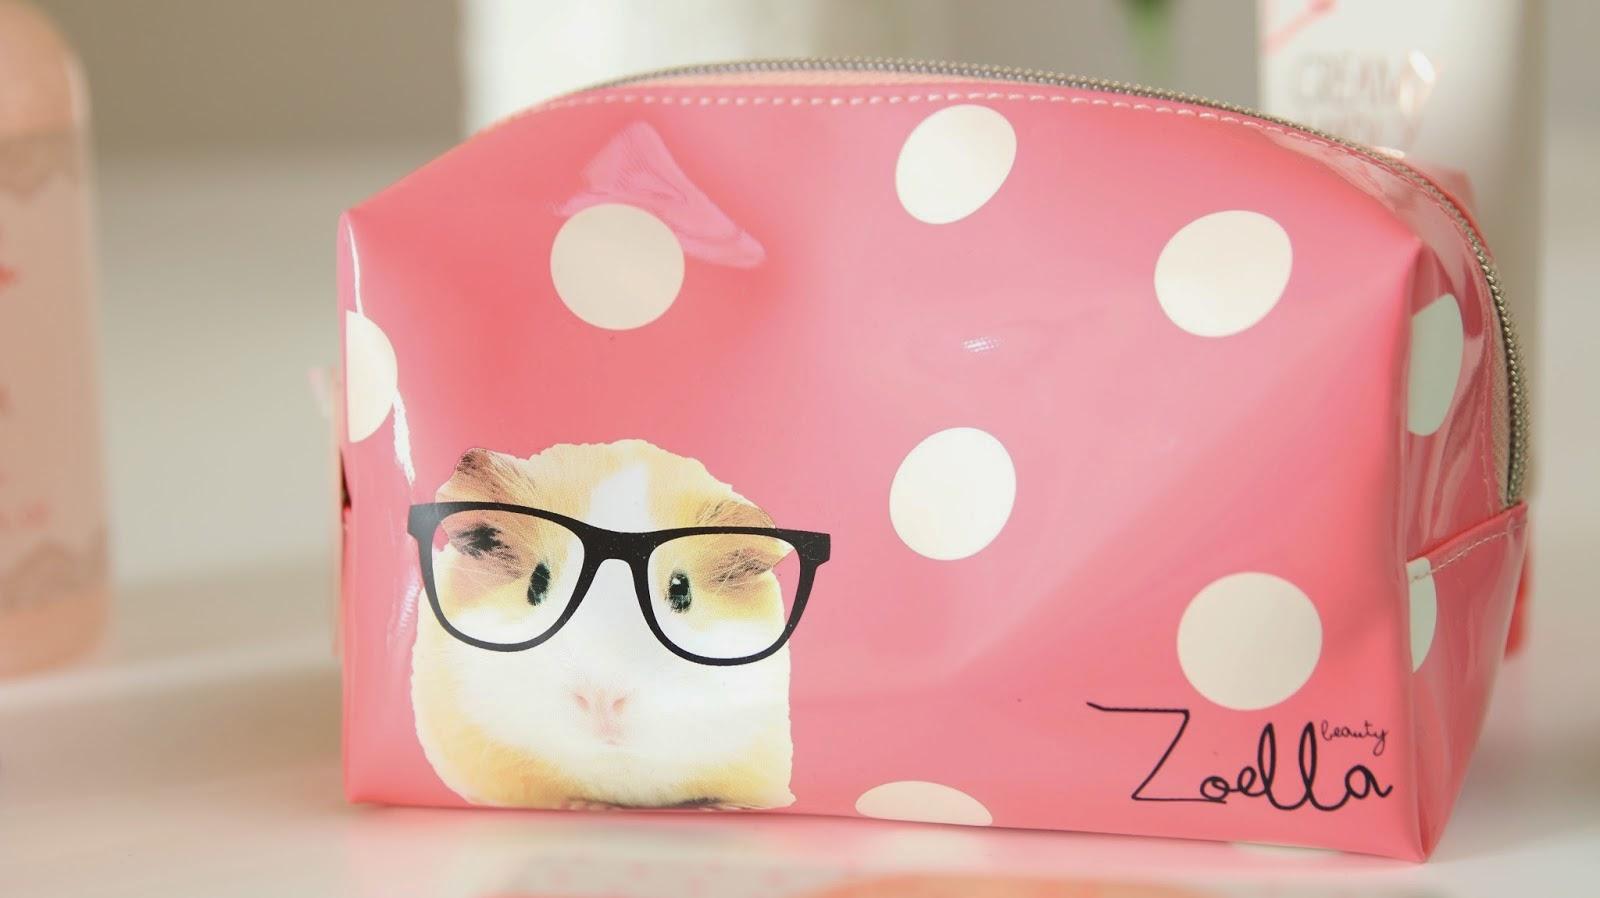 Zoella Line Drawing : Dahlia nails zoella beauty guinea in glasses